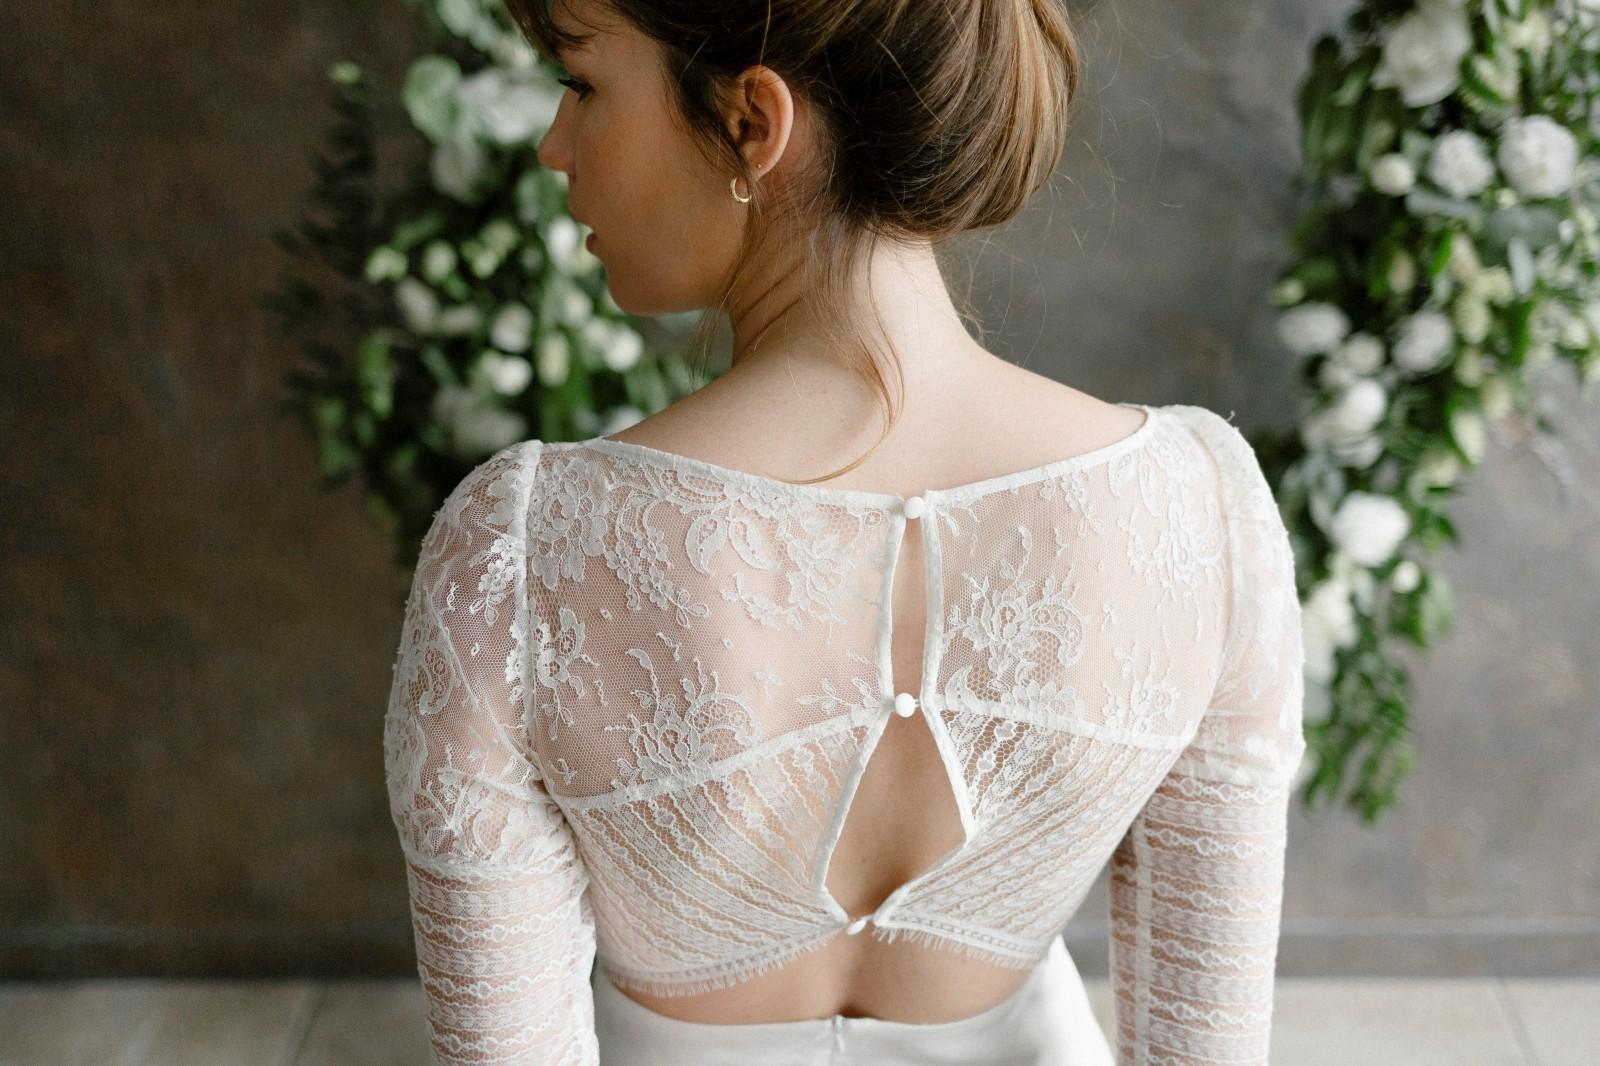 Robe de mariée créée avec des chutes de dentelle.